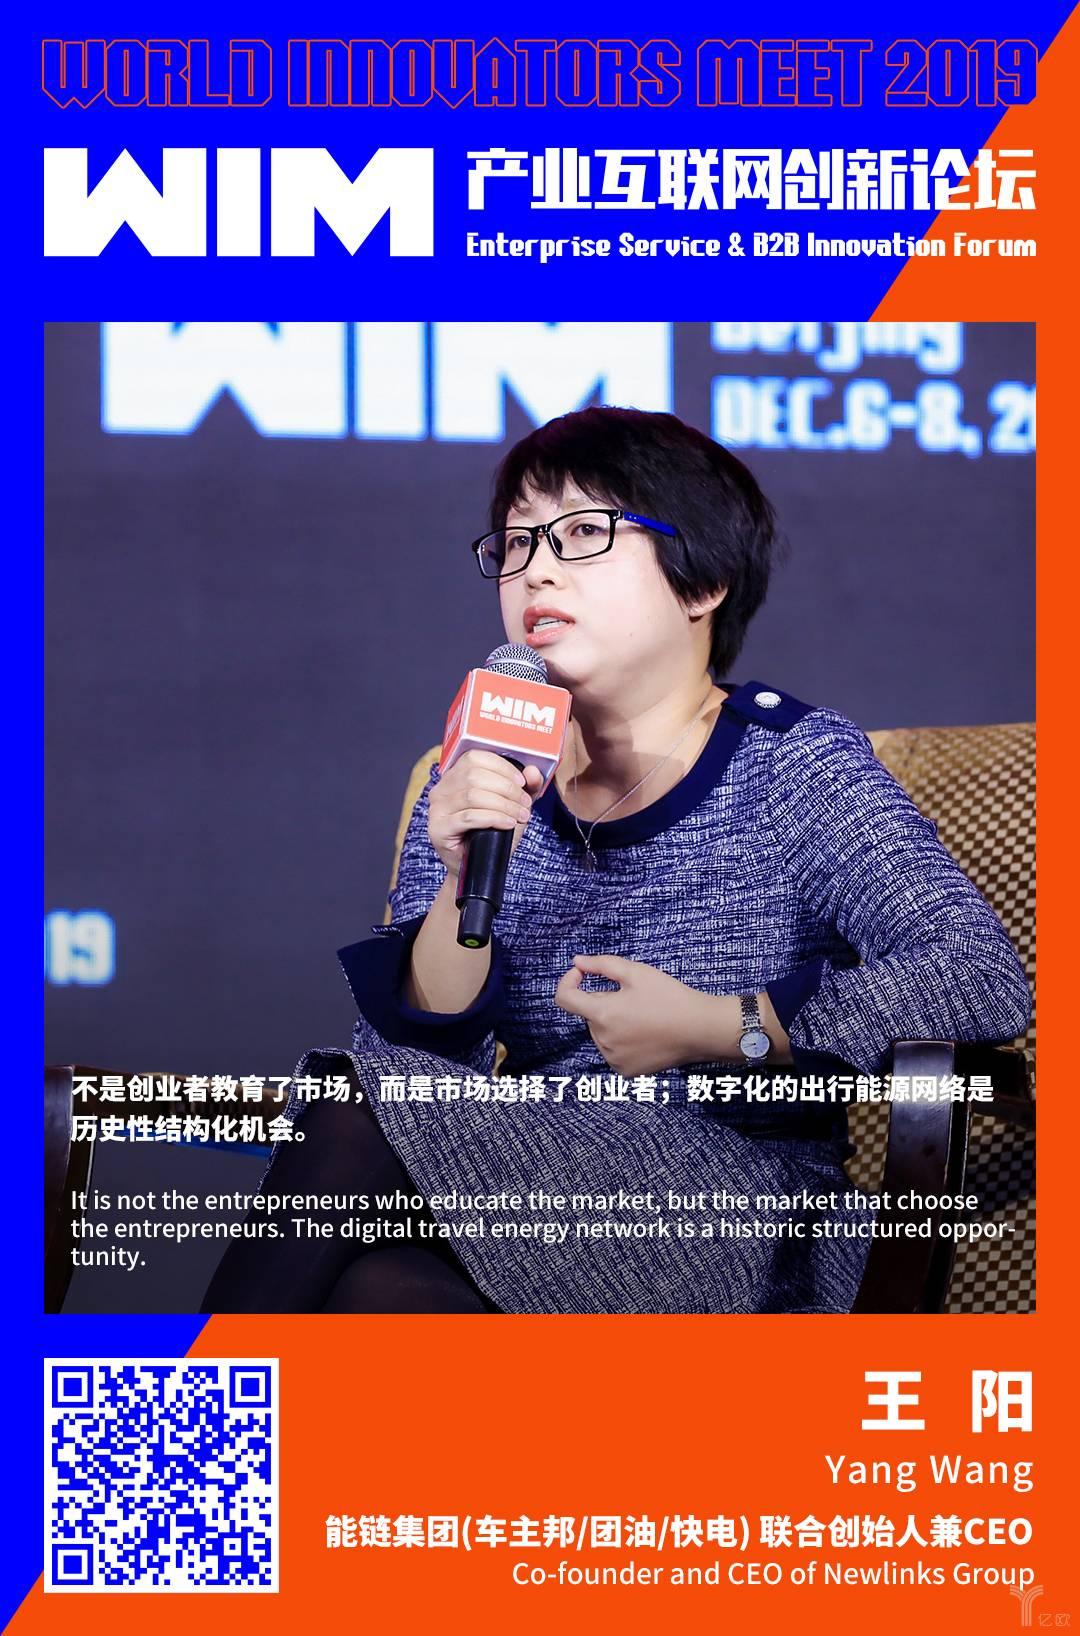 能链集团(车主邦/团油/快电)联合创始人兼CEO王阳.jpg